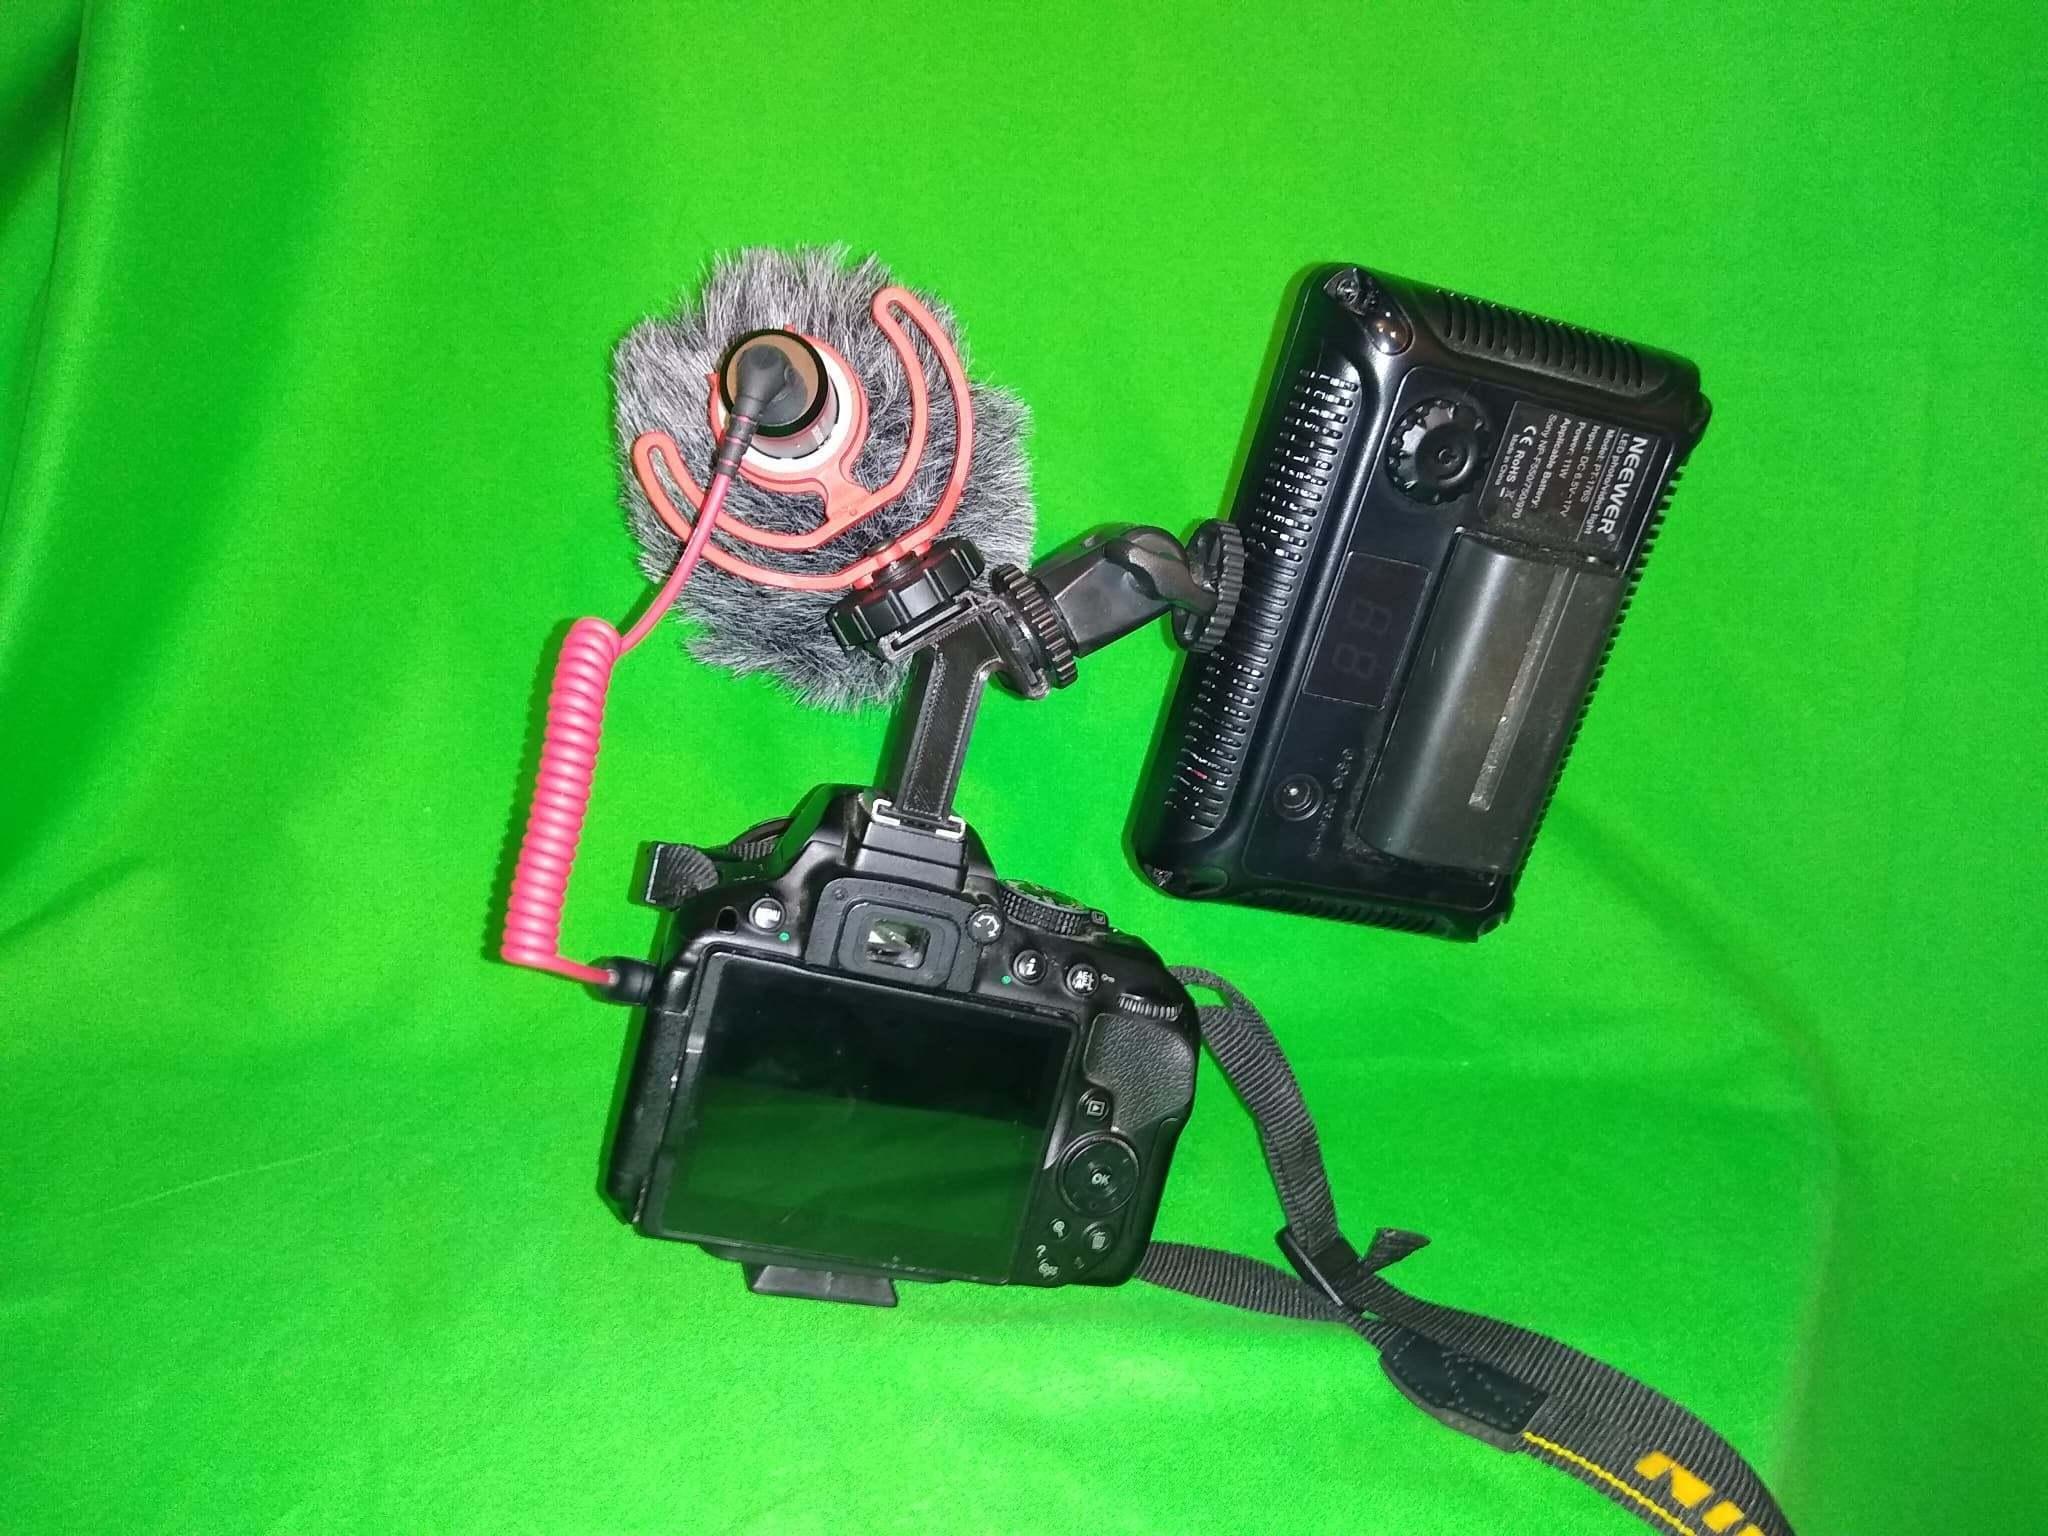 93110569_534332594179649_712941687550246912_n.jpg Télécharger fichier STL gratuit Adaptateur de rallonge double Hotshoe, idéal pour les micros Rode et les appareils photo DSLR Lumière pour la vidéo Nikon, Canon etc. • Plan à imprimer en 3D, Mrdwgraf